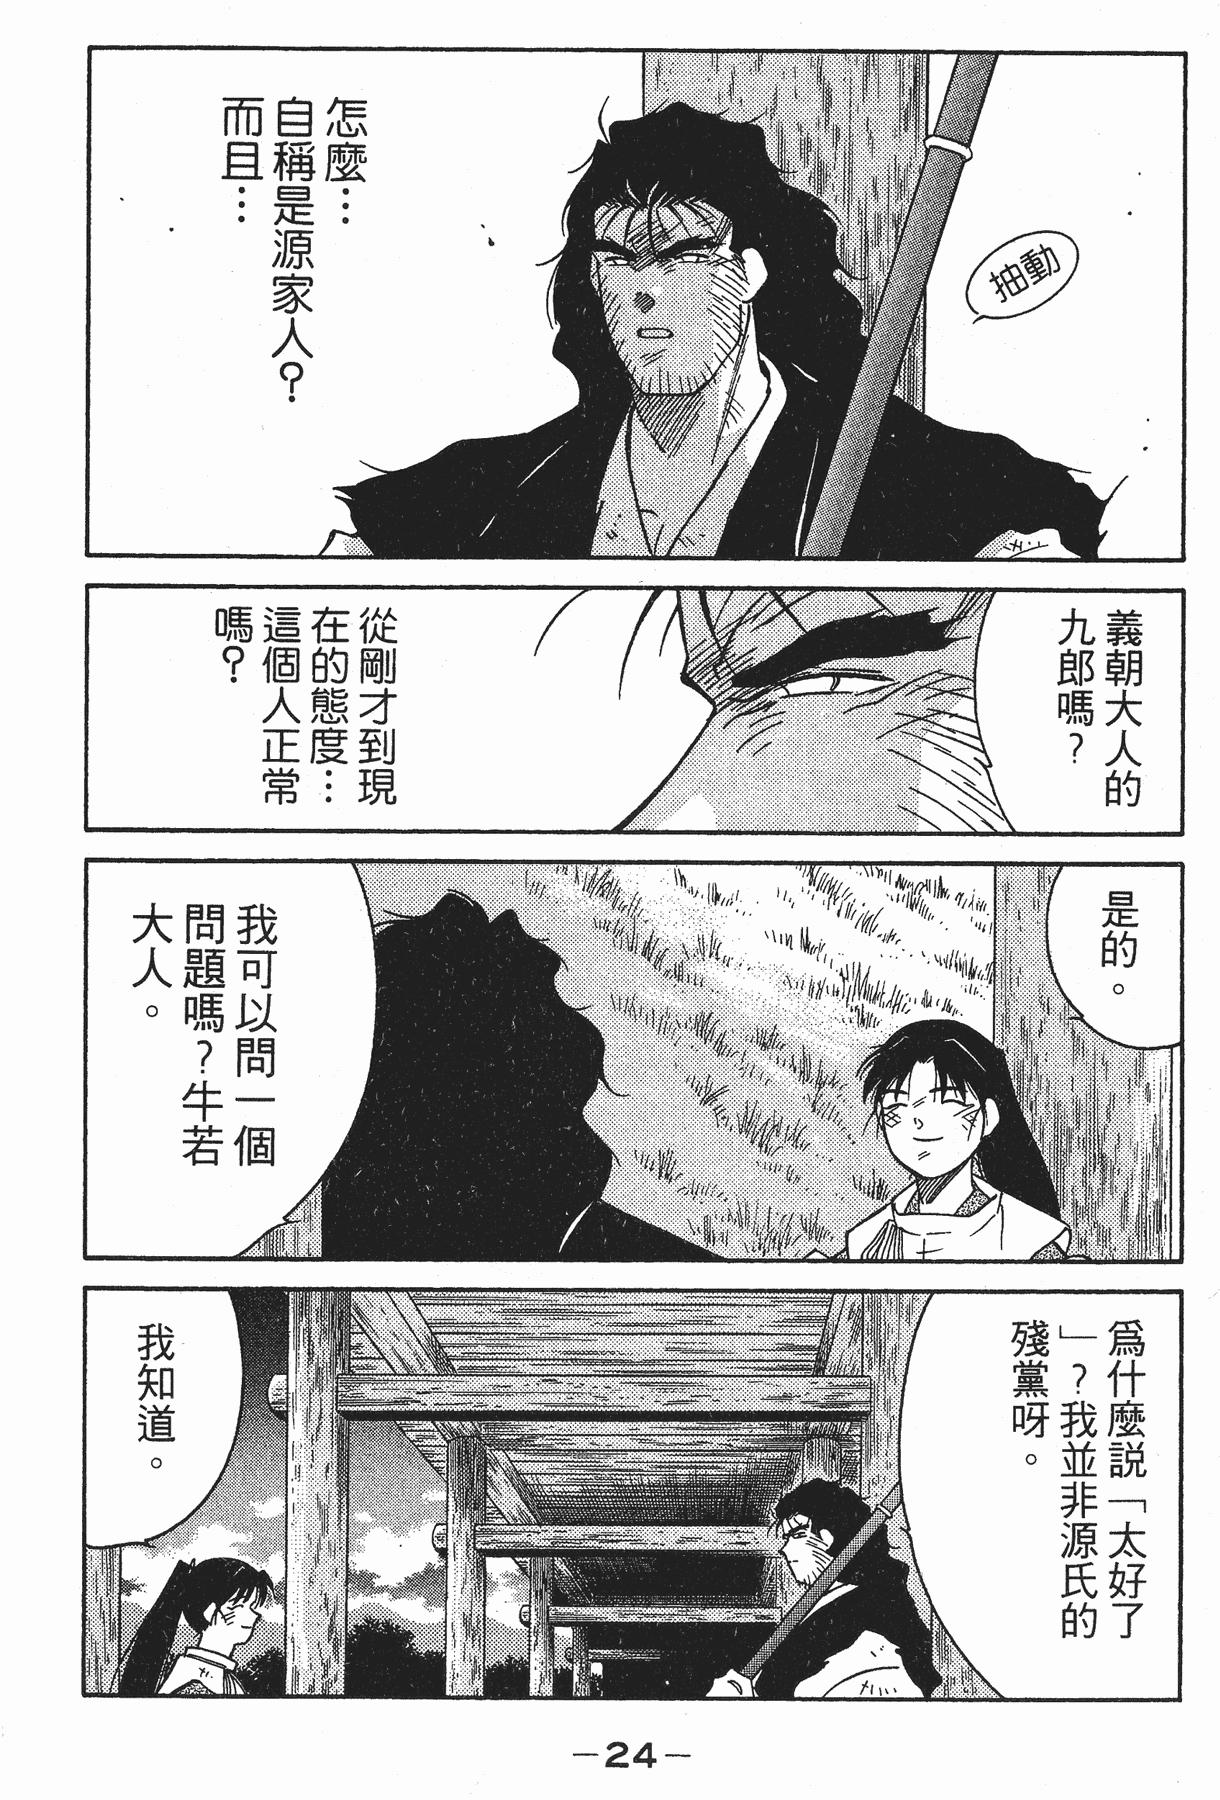 【漫画】修罗之刻 第七卷 - acfun弹幕视频网 - 认真